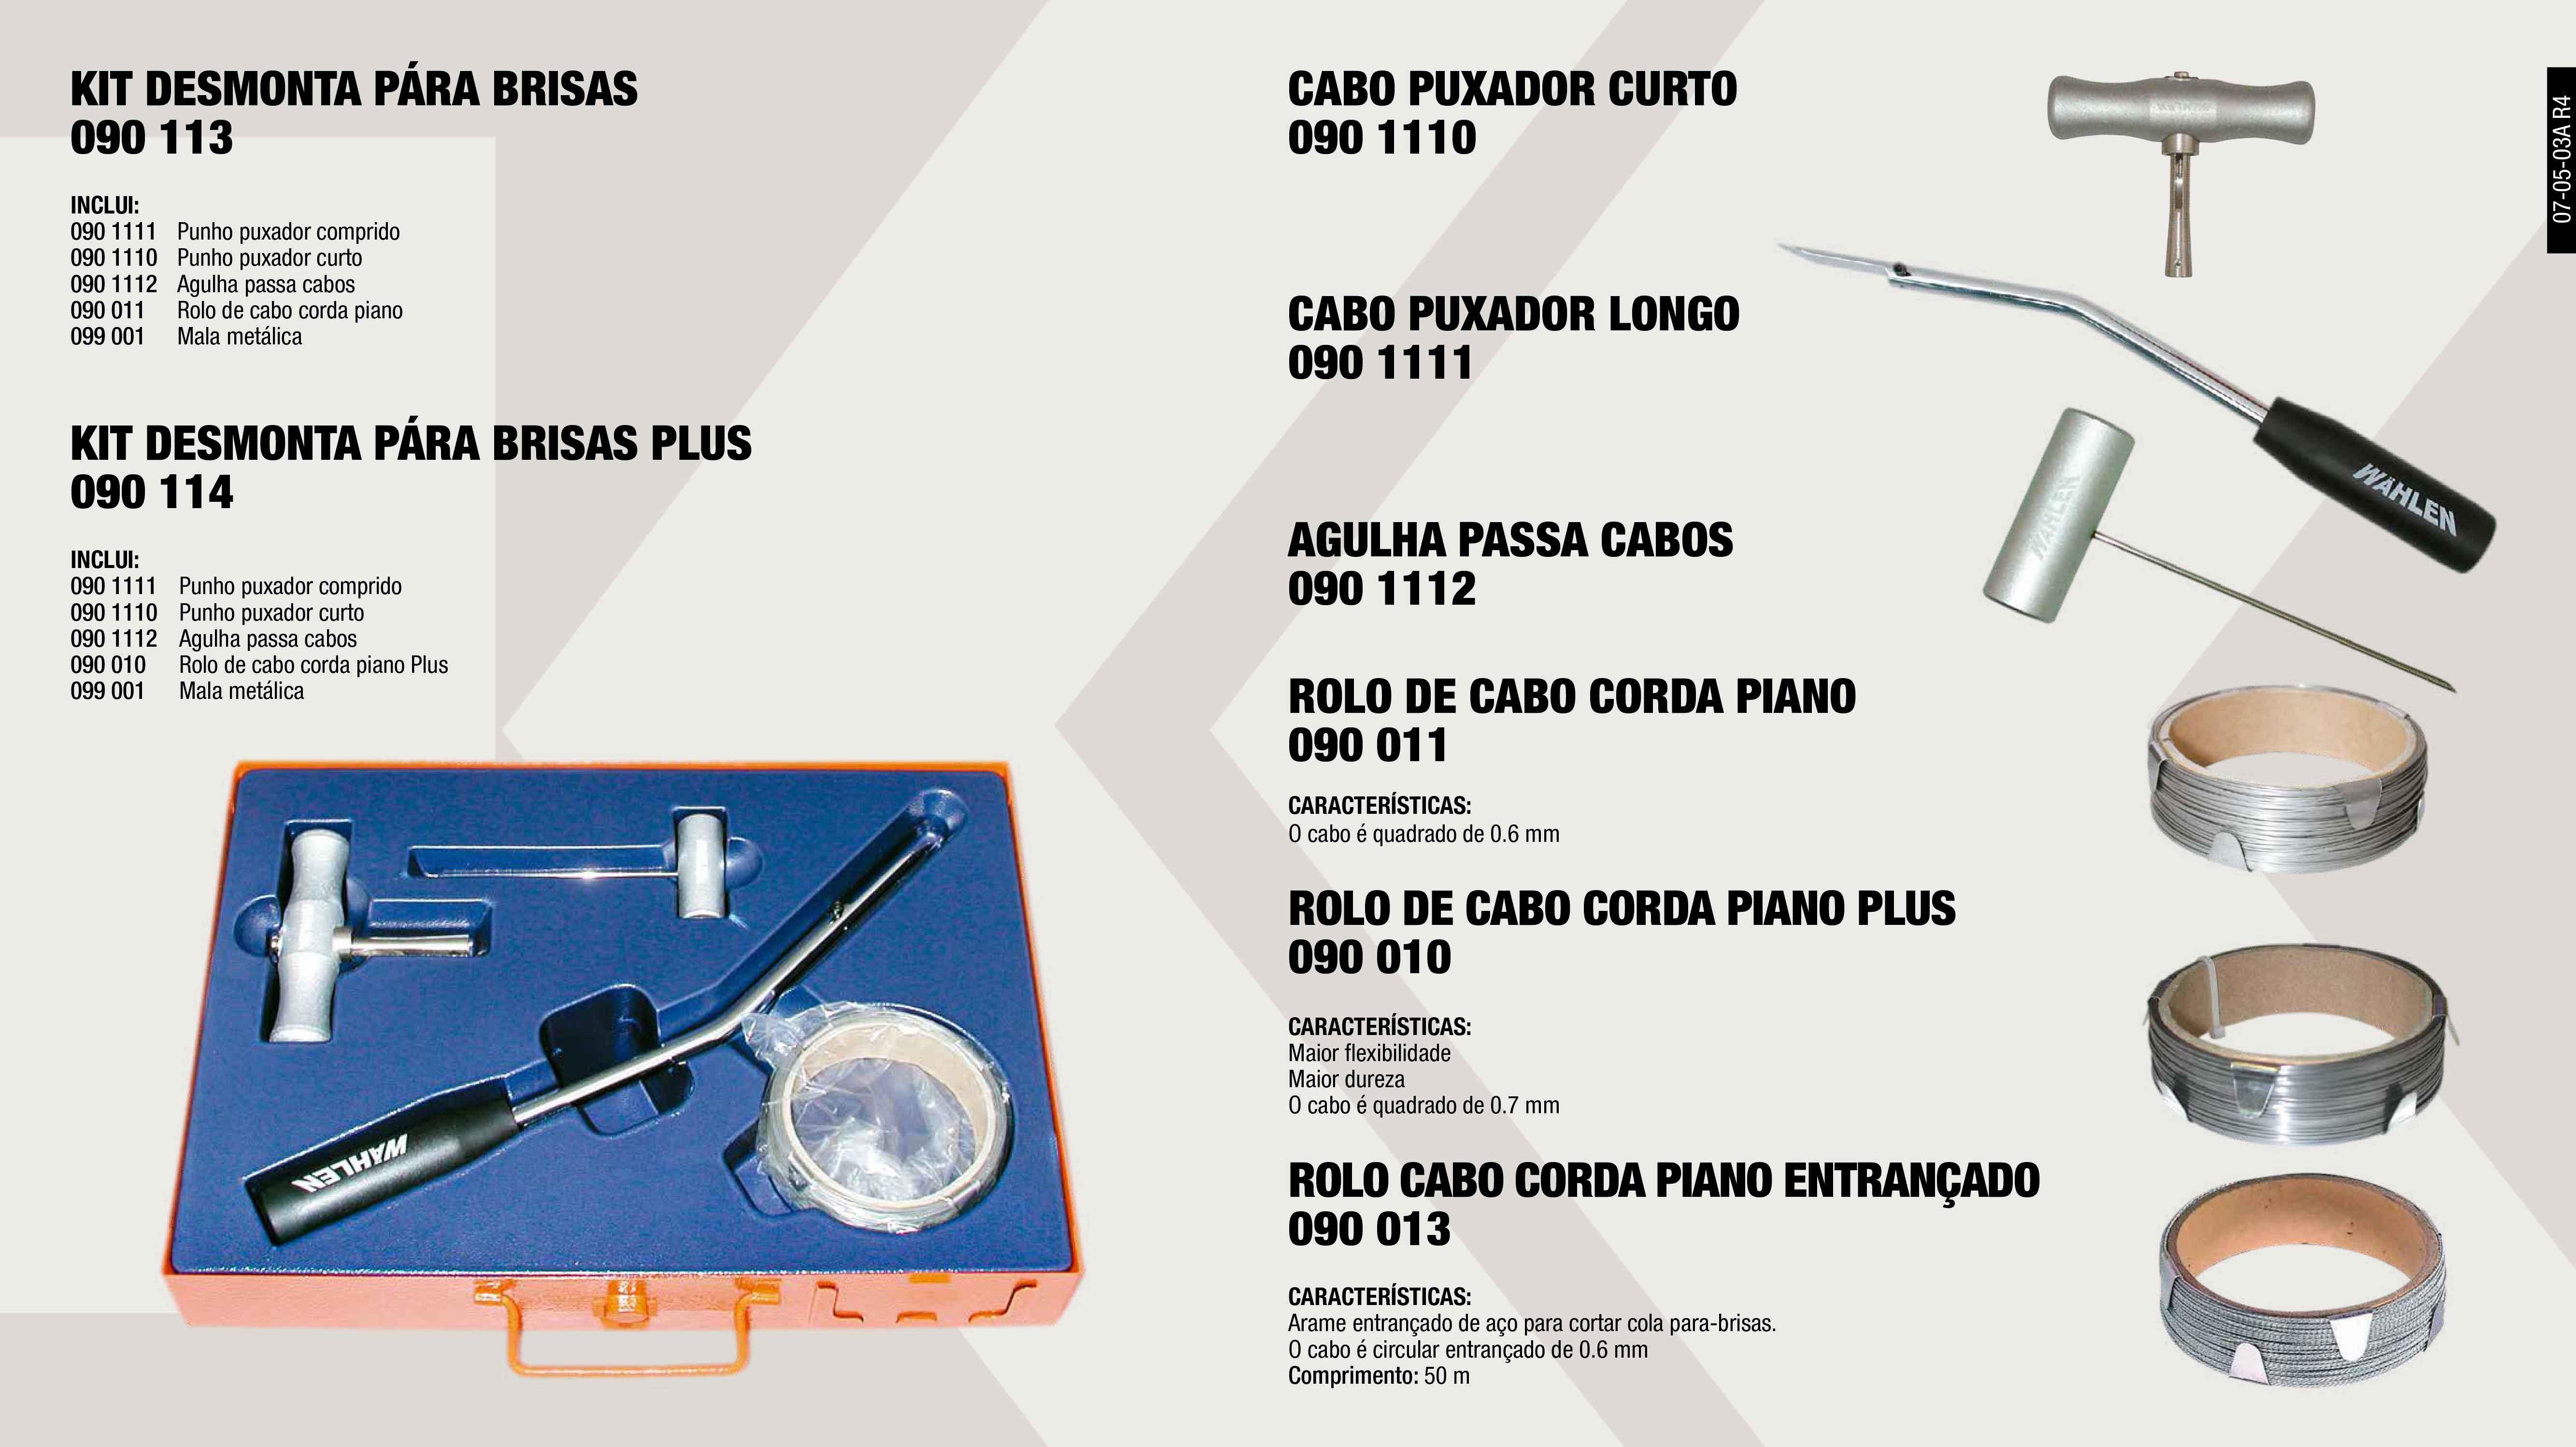 AGULHA PASSA CABOS                                          ,  KIT DESMONTA PARA-BRISAS                                    ,  ROLO DE CABO CORDA PIANO                                    ,  KIT DESMONTA PARA-BRISAS                                    ,  CABO PUXADOR CURTO                                          ,  CABO PUXADOR LONGO                                          ,  MALA METÁLICA VAZIA BK COR-DE-LARANJA                       ,  ROLO CABO CORDA PIANO 50M                                   ,  CORDA GLASS ENTRANÇADO                                      ,